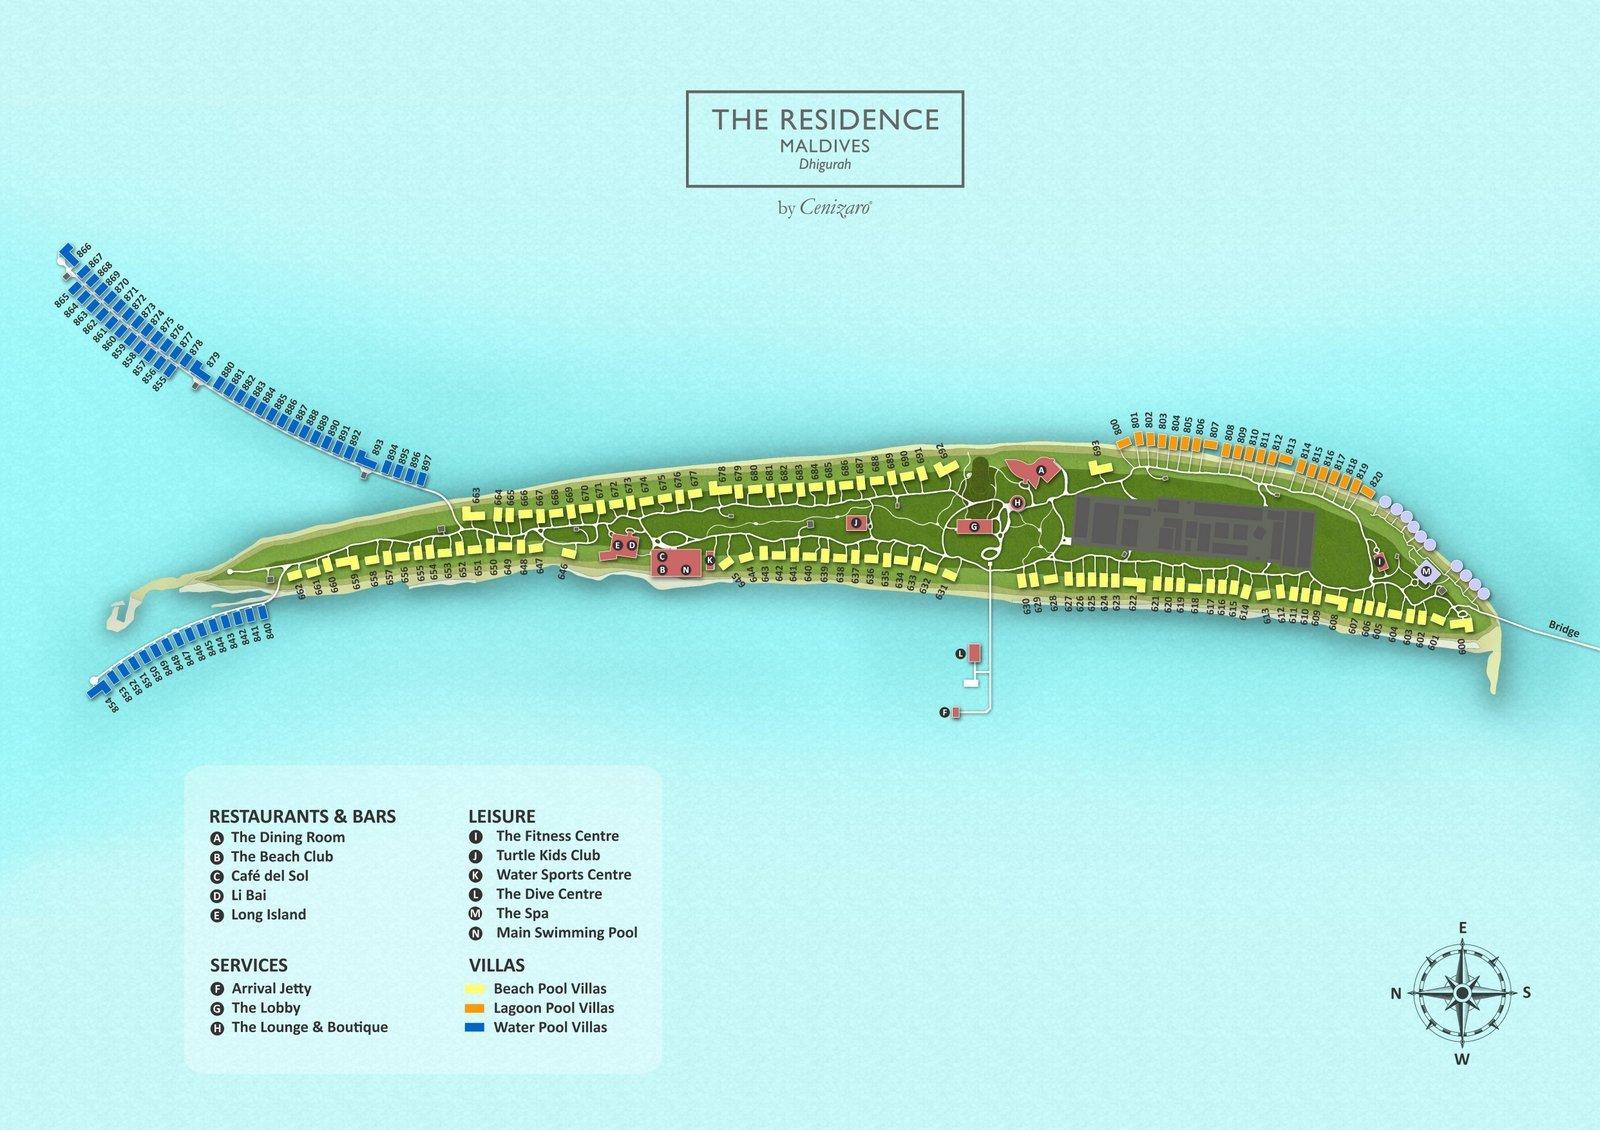 Мальдивы, The Residence Maldives at Dhigurah, карта отеля